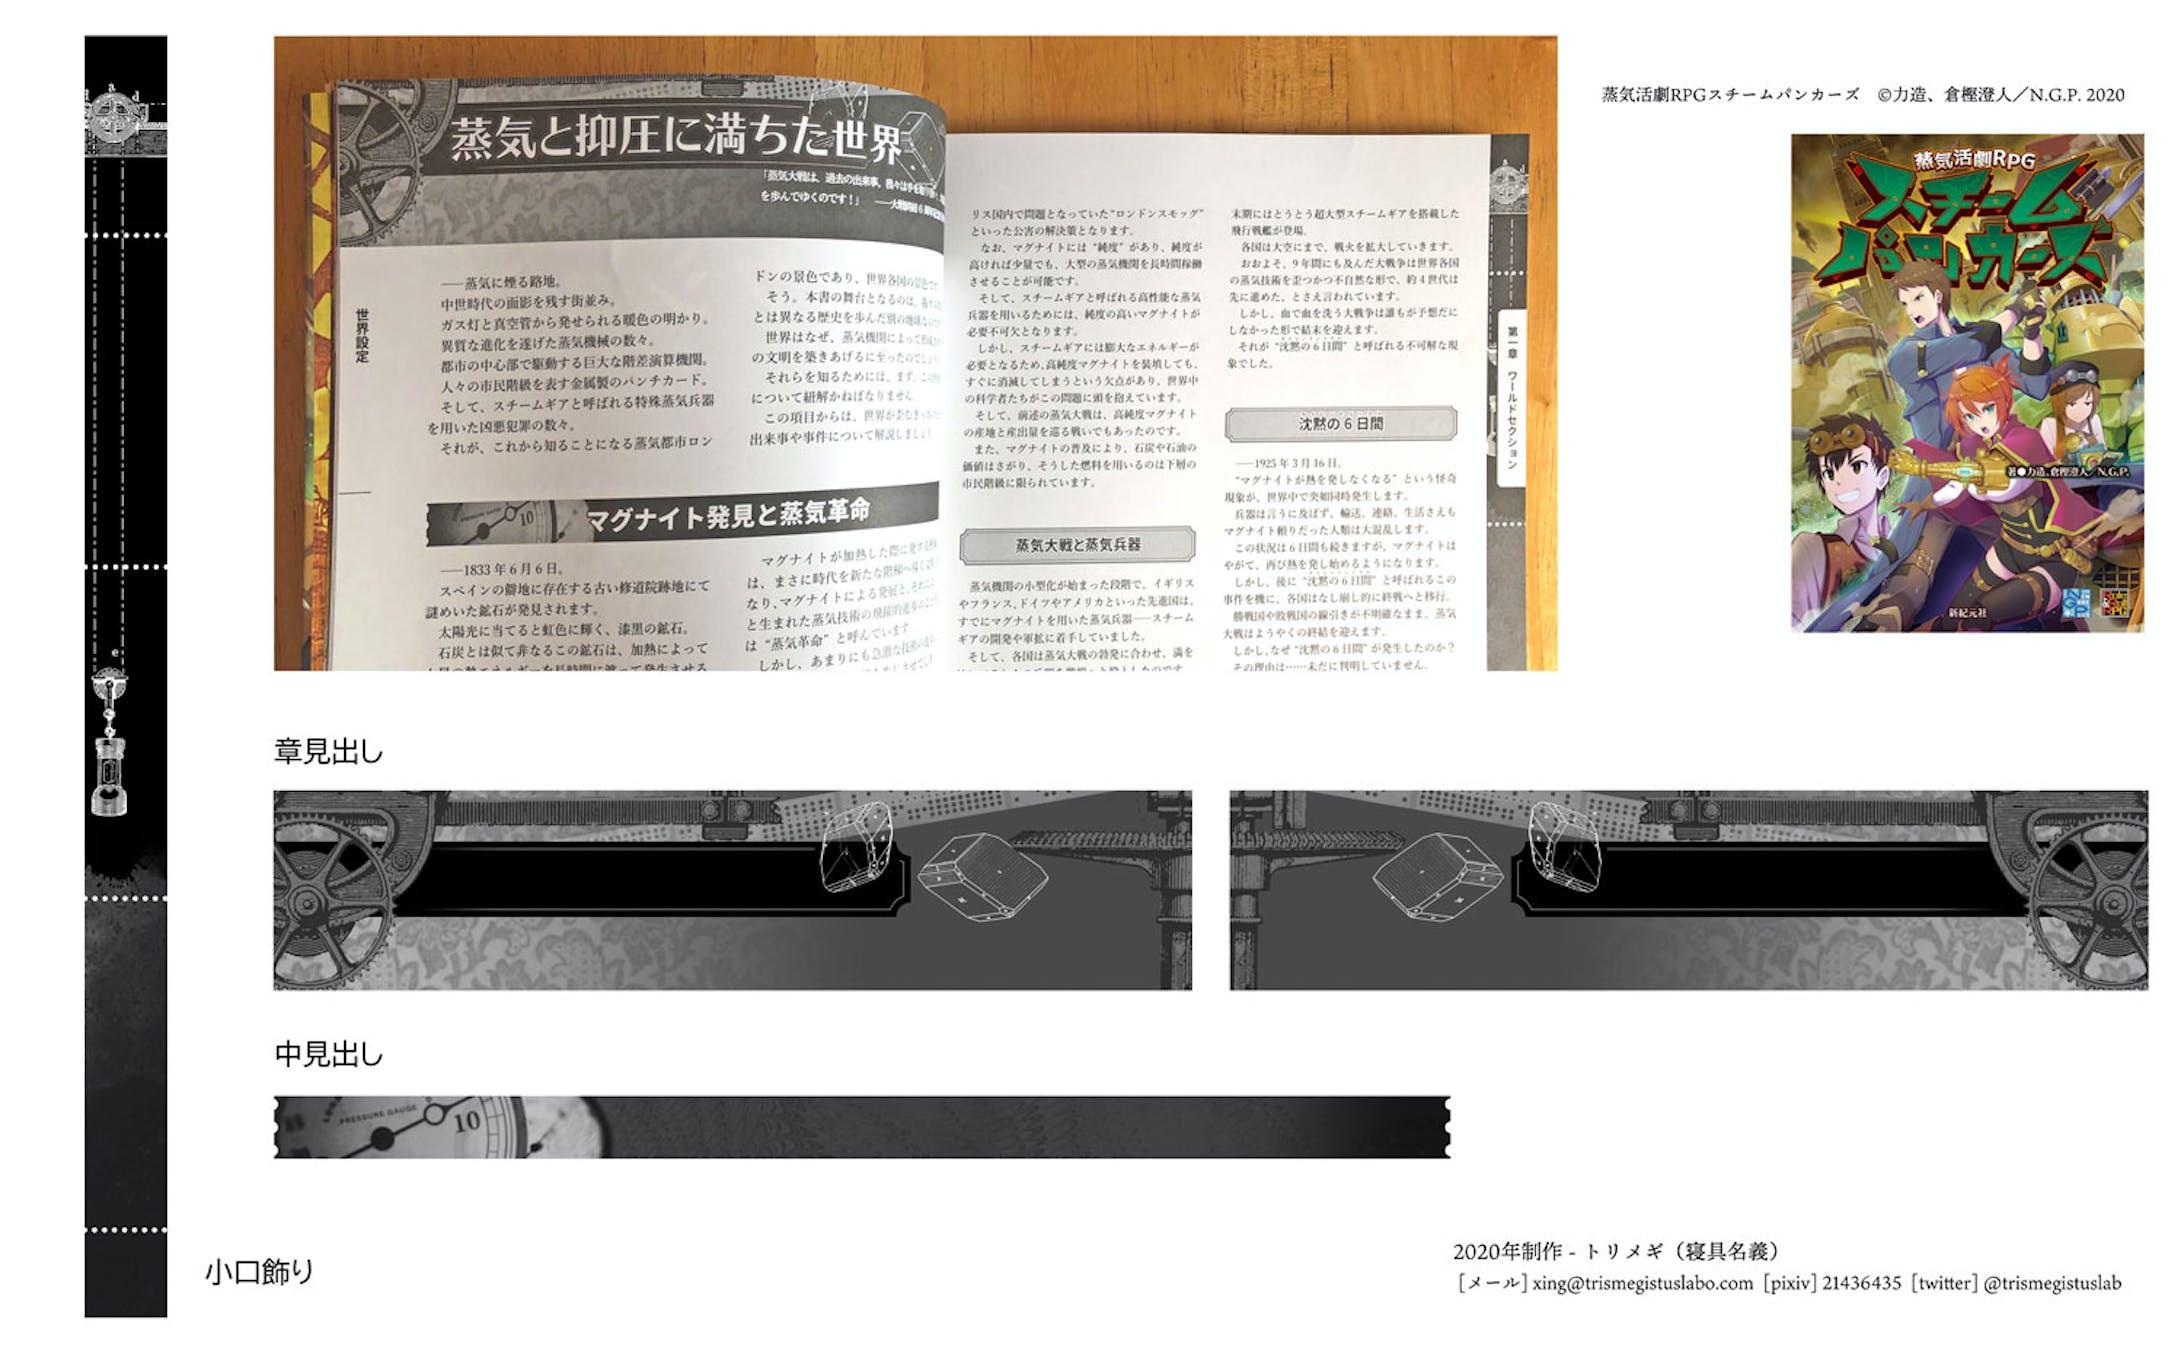 蒸気活劇RPGスチームパンカーズ - 誌面デザイン-1